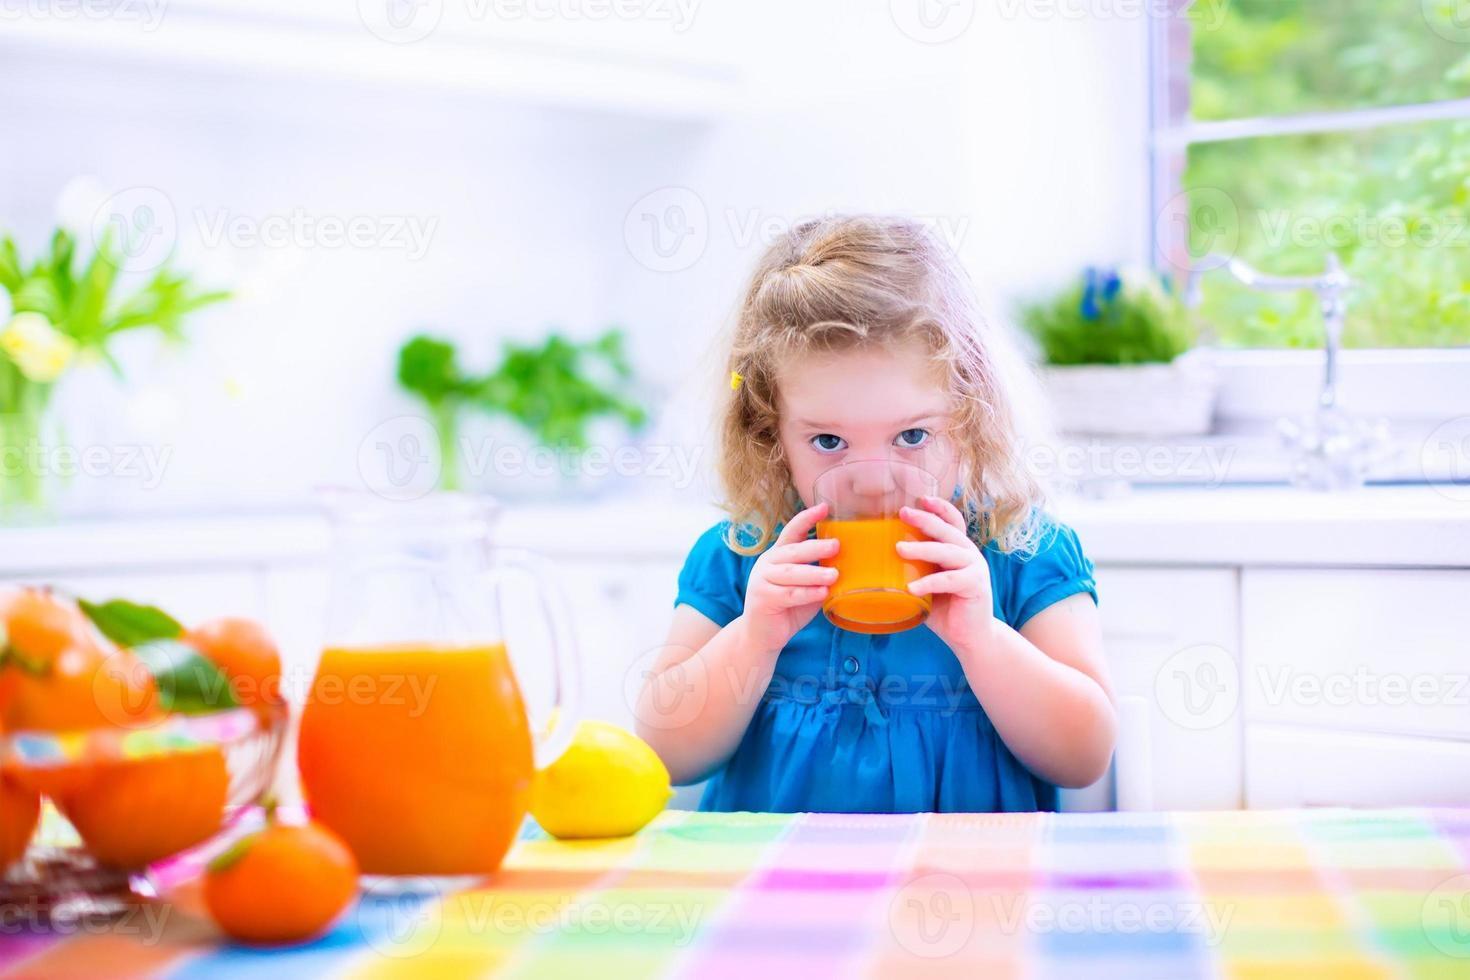 klein meisje drinken sinaasappelsap foto